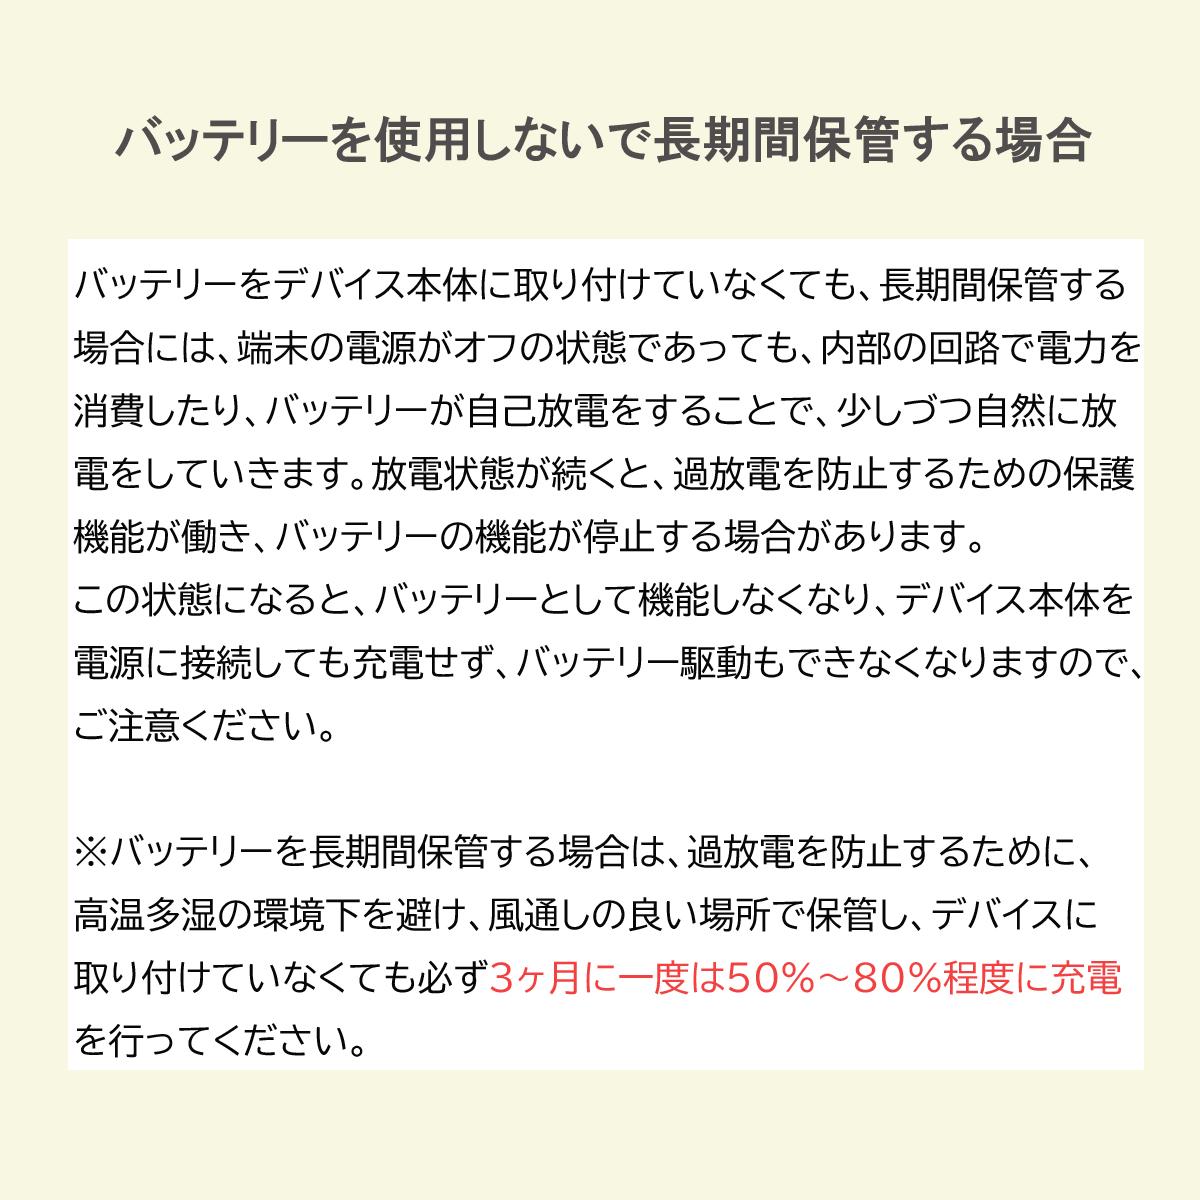 """【全国送料無料】Apple アップル MacBook Pro 17""""A1297(2011年モデル)MC725J/A MD311J/A 交換用バッテリー 専用工具付属 A1383対応"""